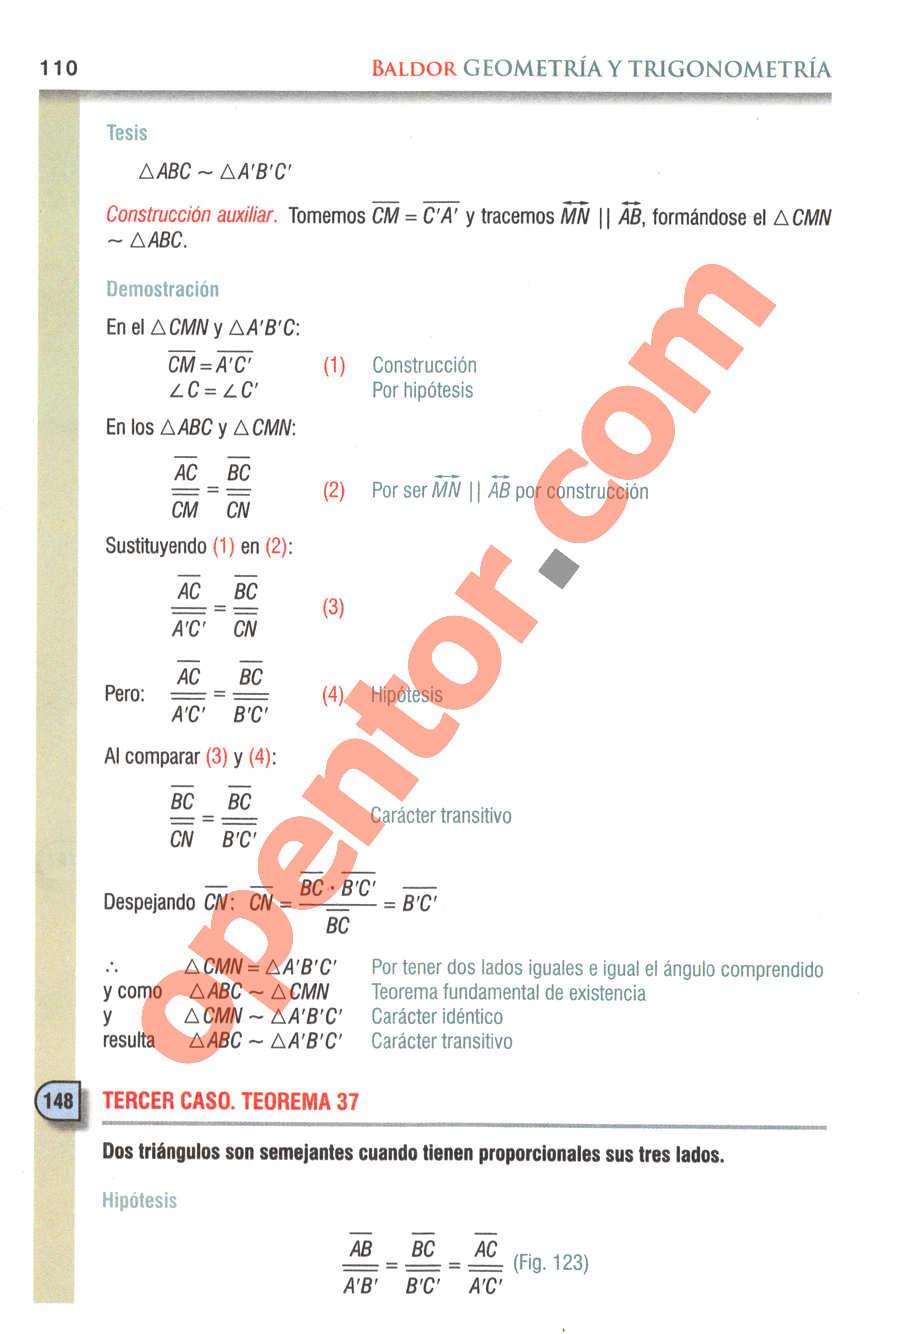 Geometría y Trigonometría de Baldor - Página 110